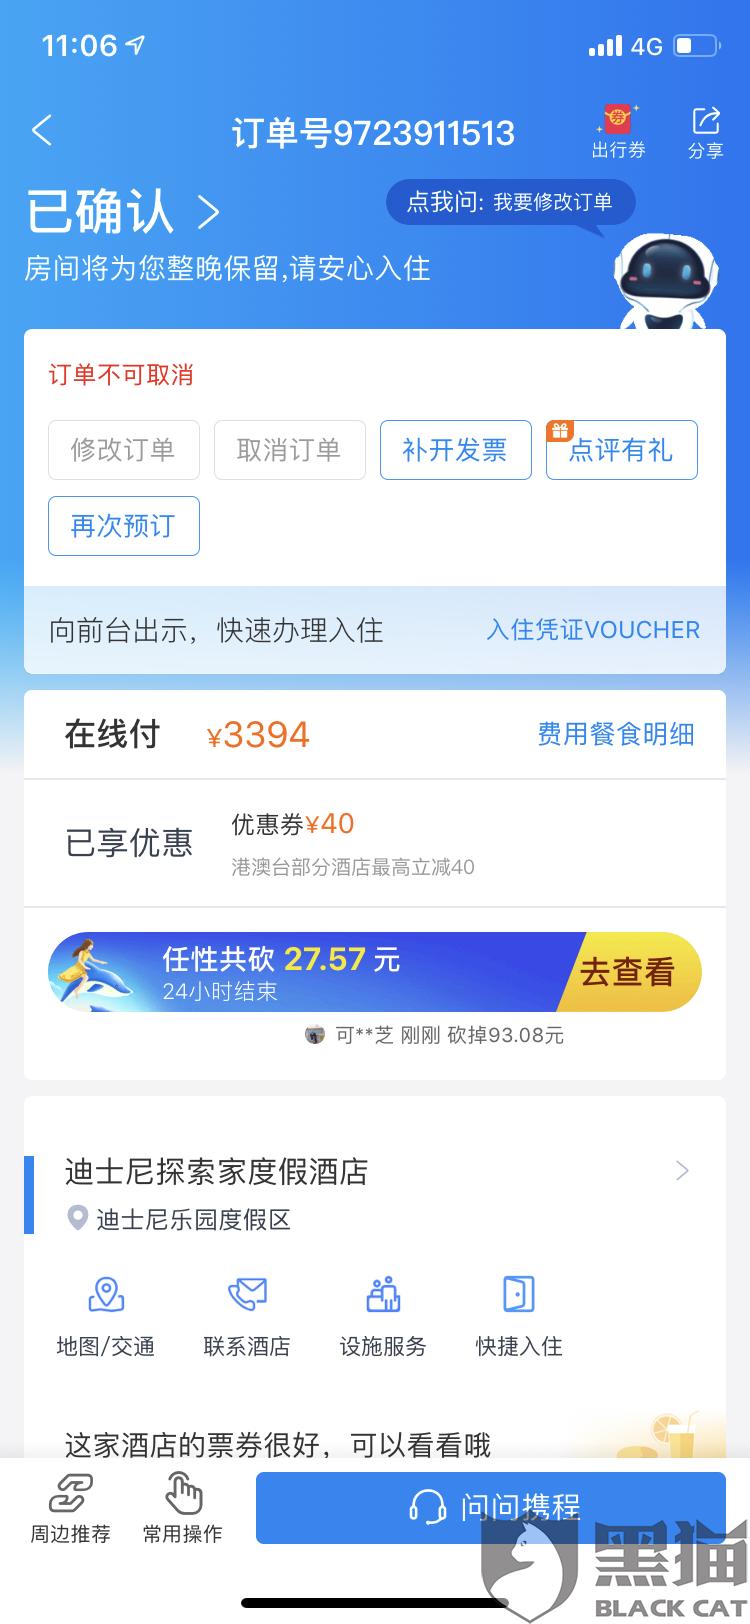 黑猫投诉:退掉在携程旅行网上预定的8月25日至8月29日香港的两家酒店的房费